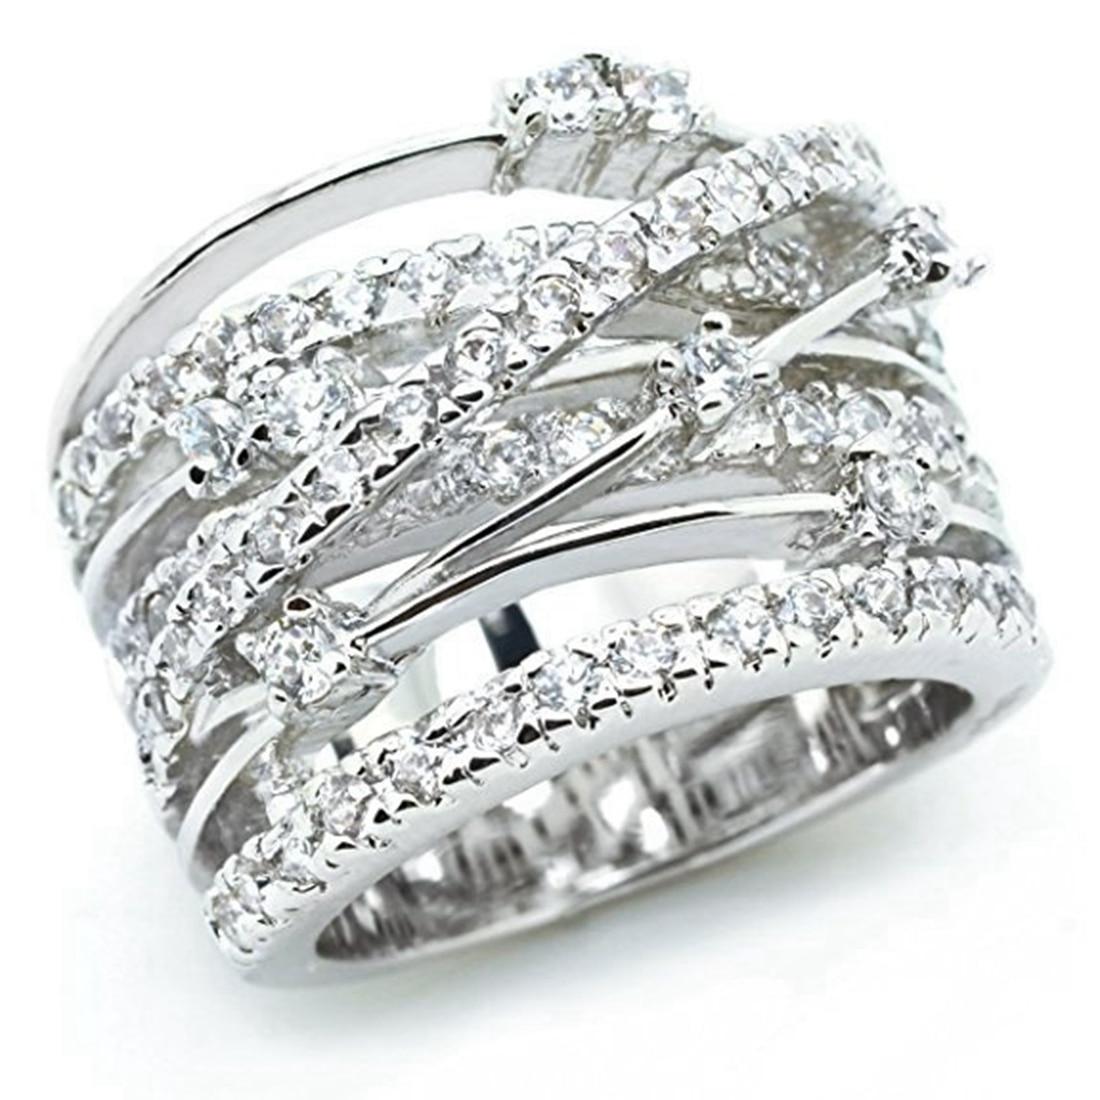 Женское кольцо в виде браслета, Серебряное розовое золото, 2019